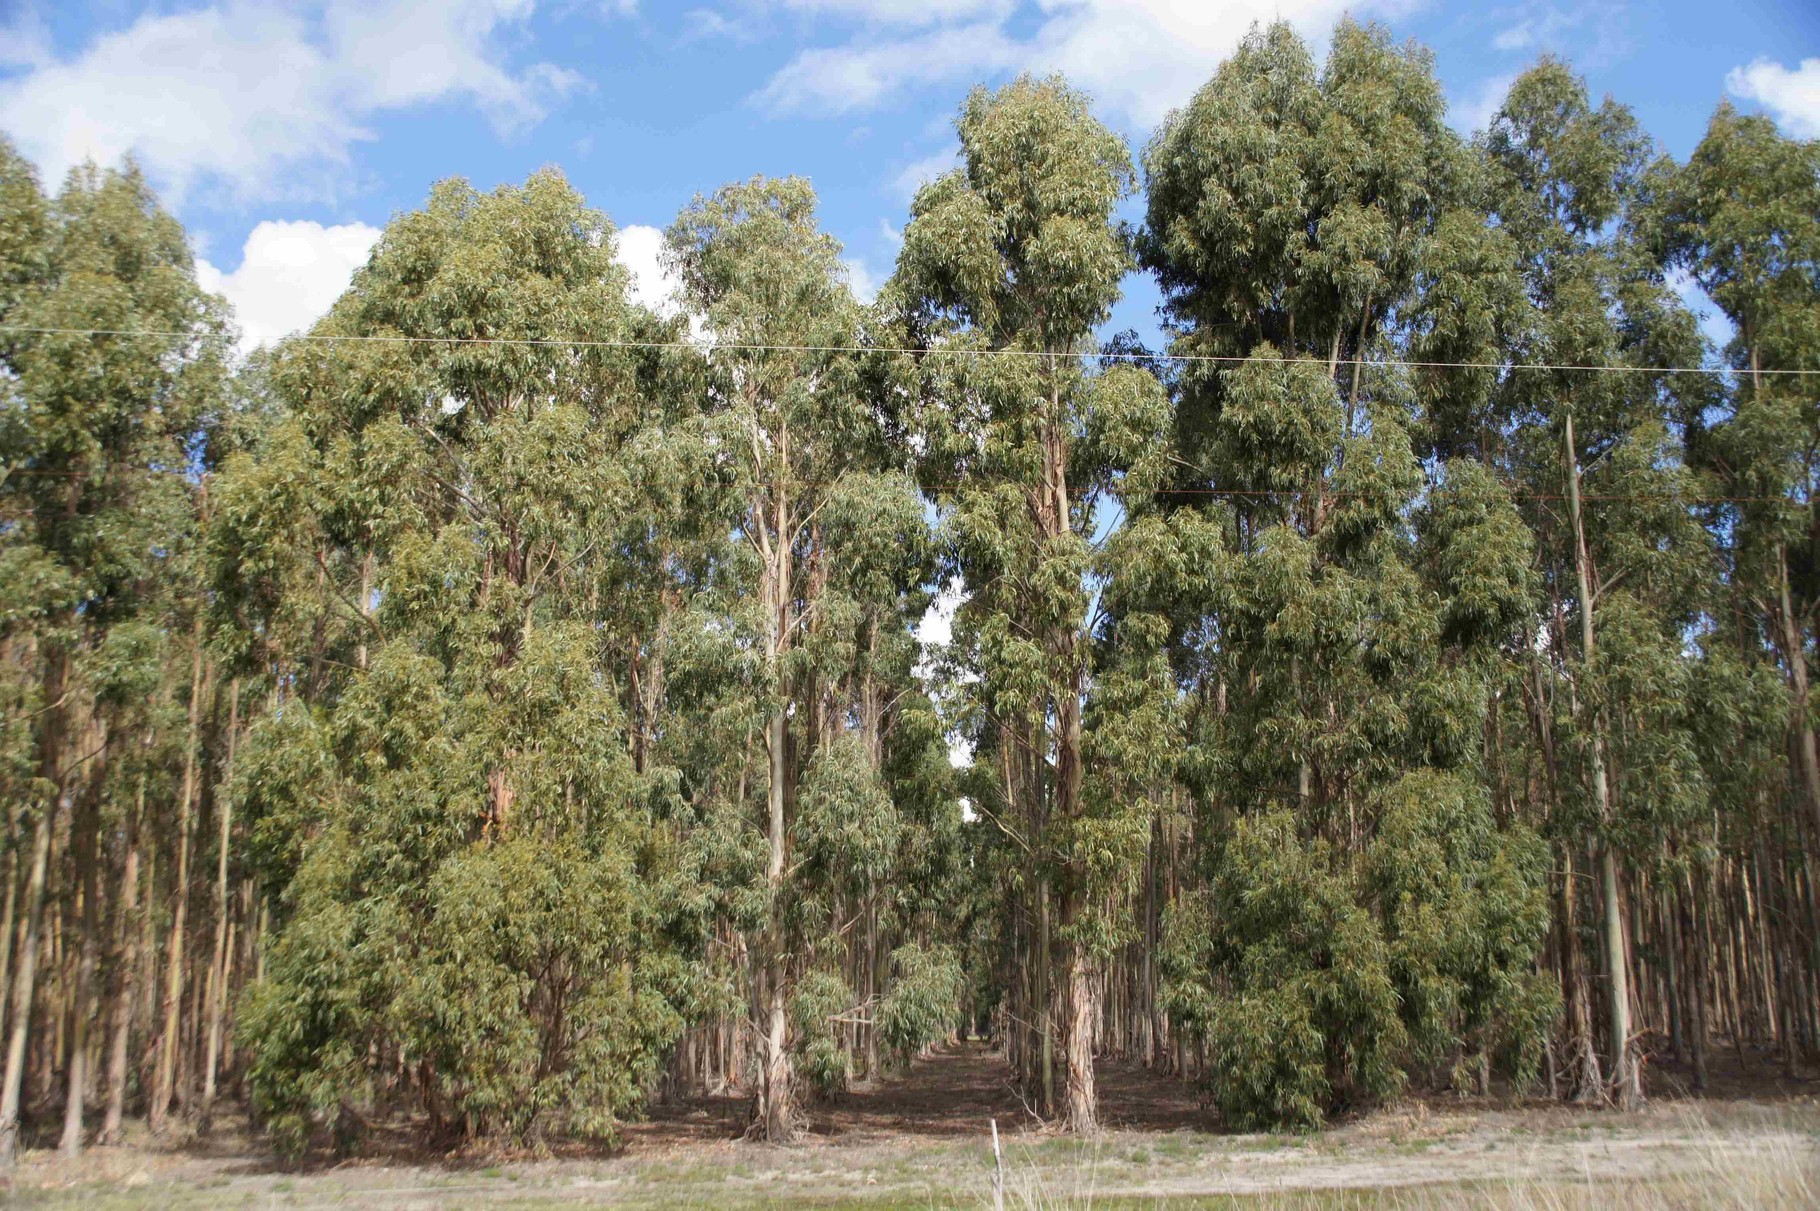 Waldplantage - Eukalyptus in Reih' und Glied bei Esperance, WA